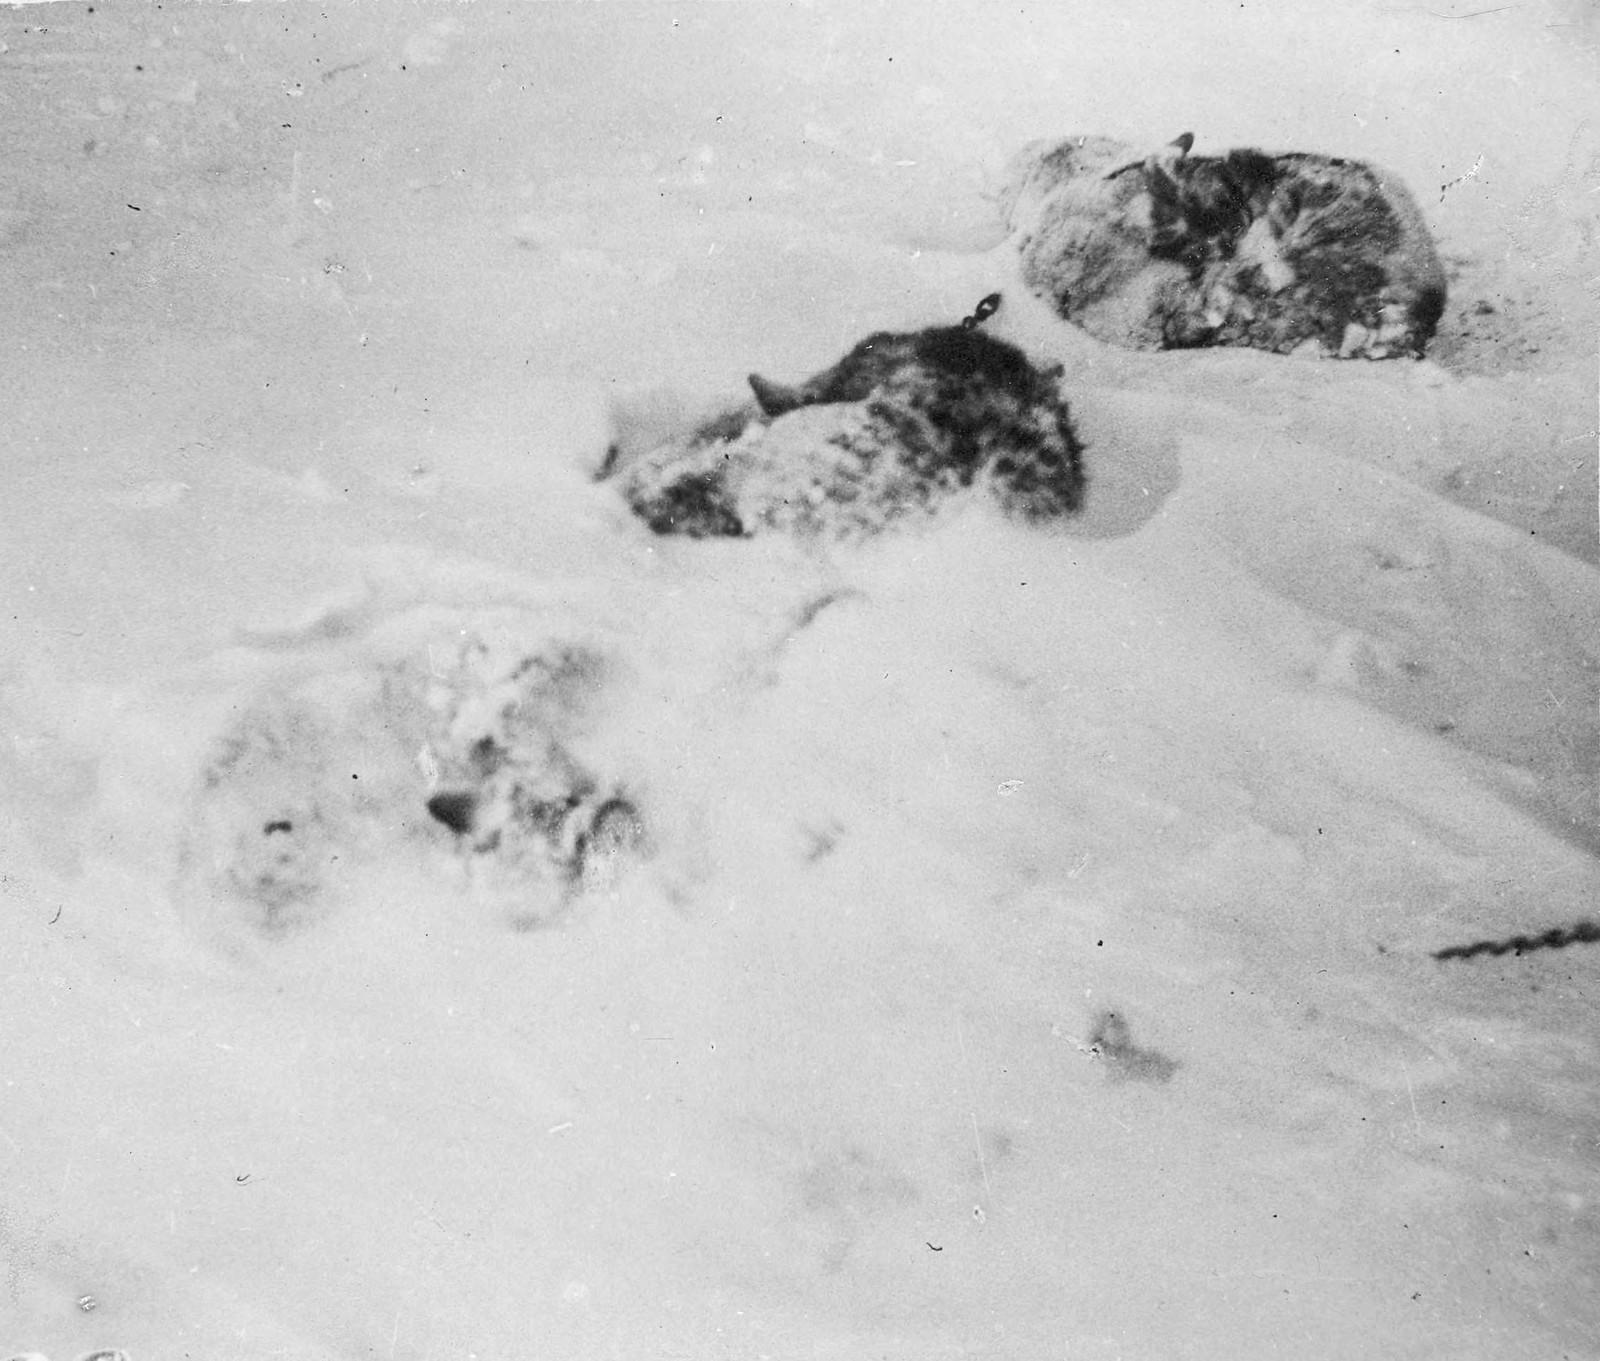 22. Упряжные собаки, занесенные снегом после пурги1